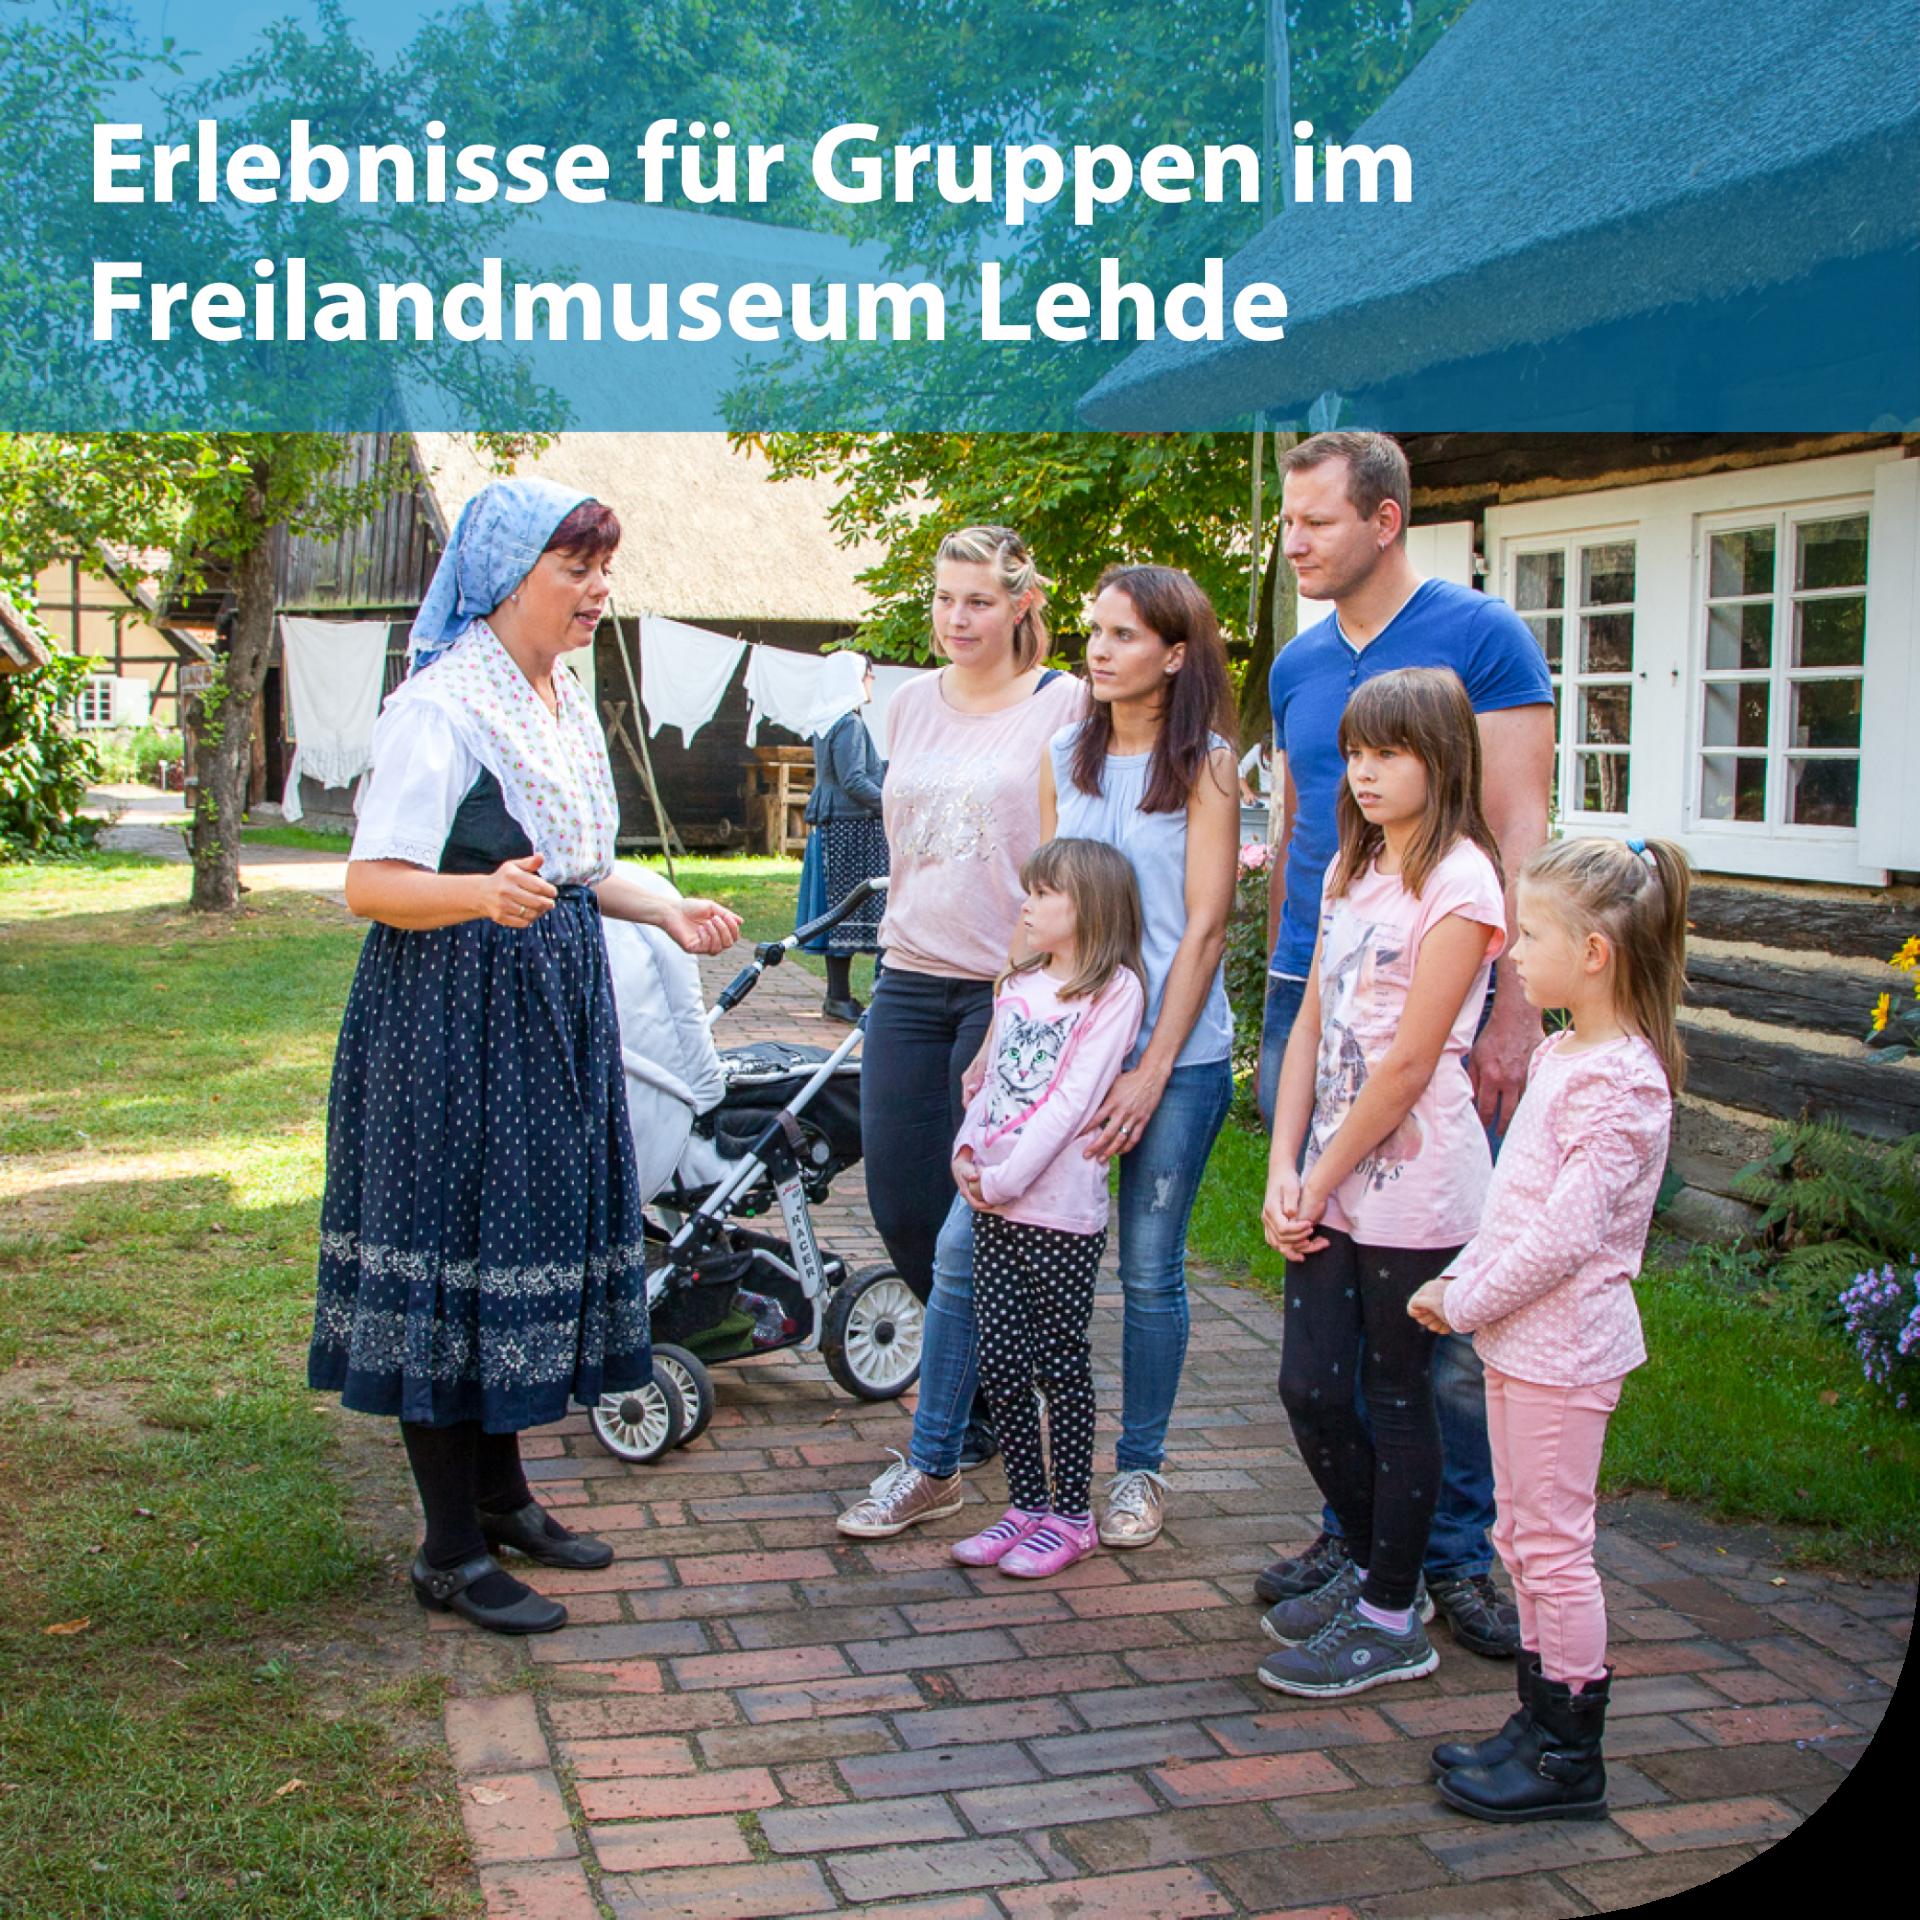 Erlebnisse für Reisegruppen im Freilandmuseum Lehde